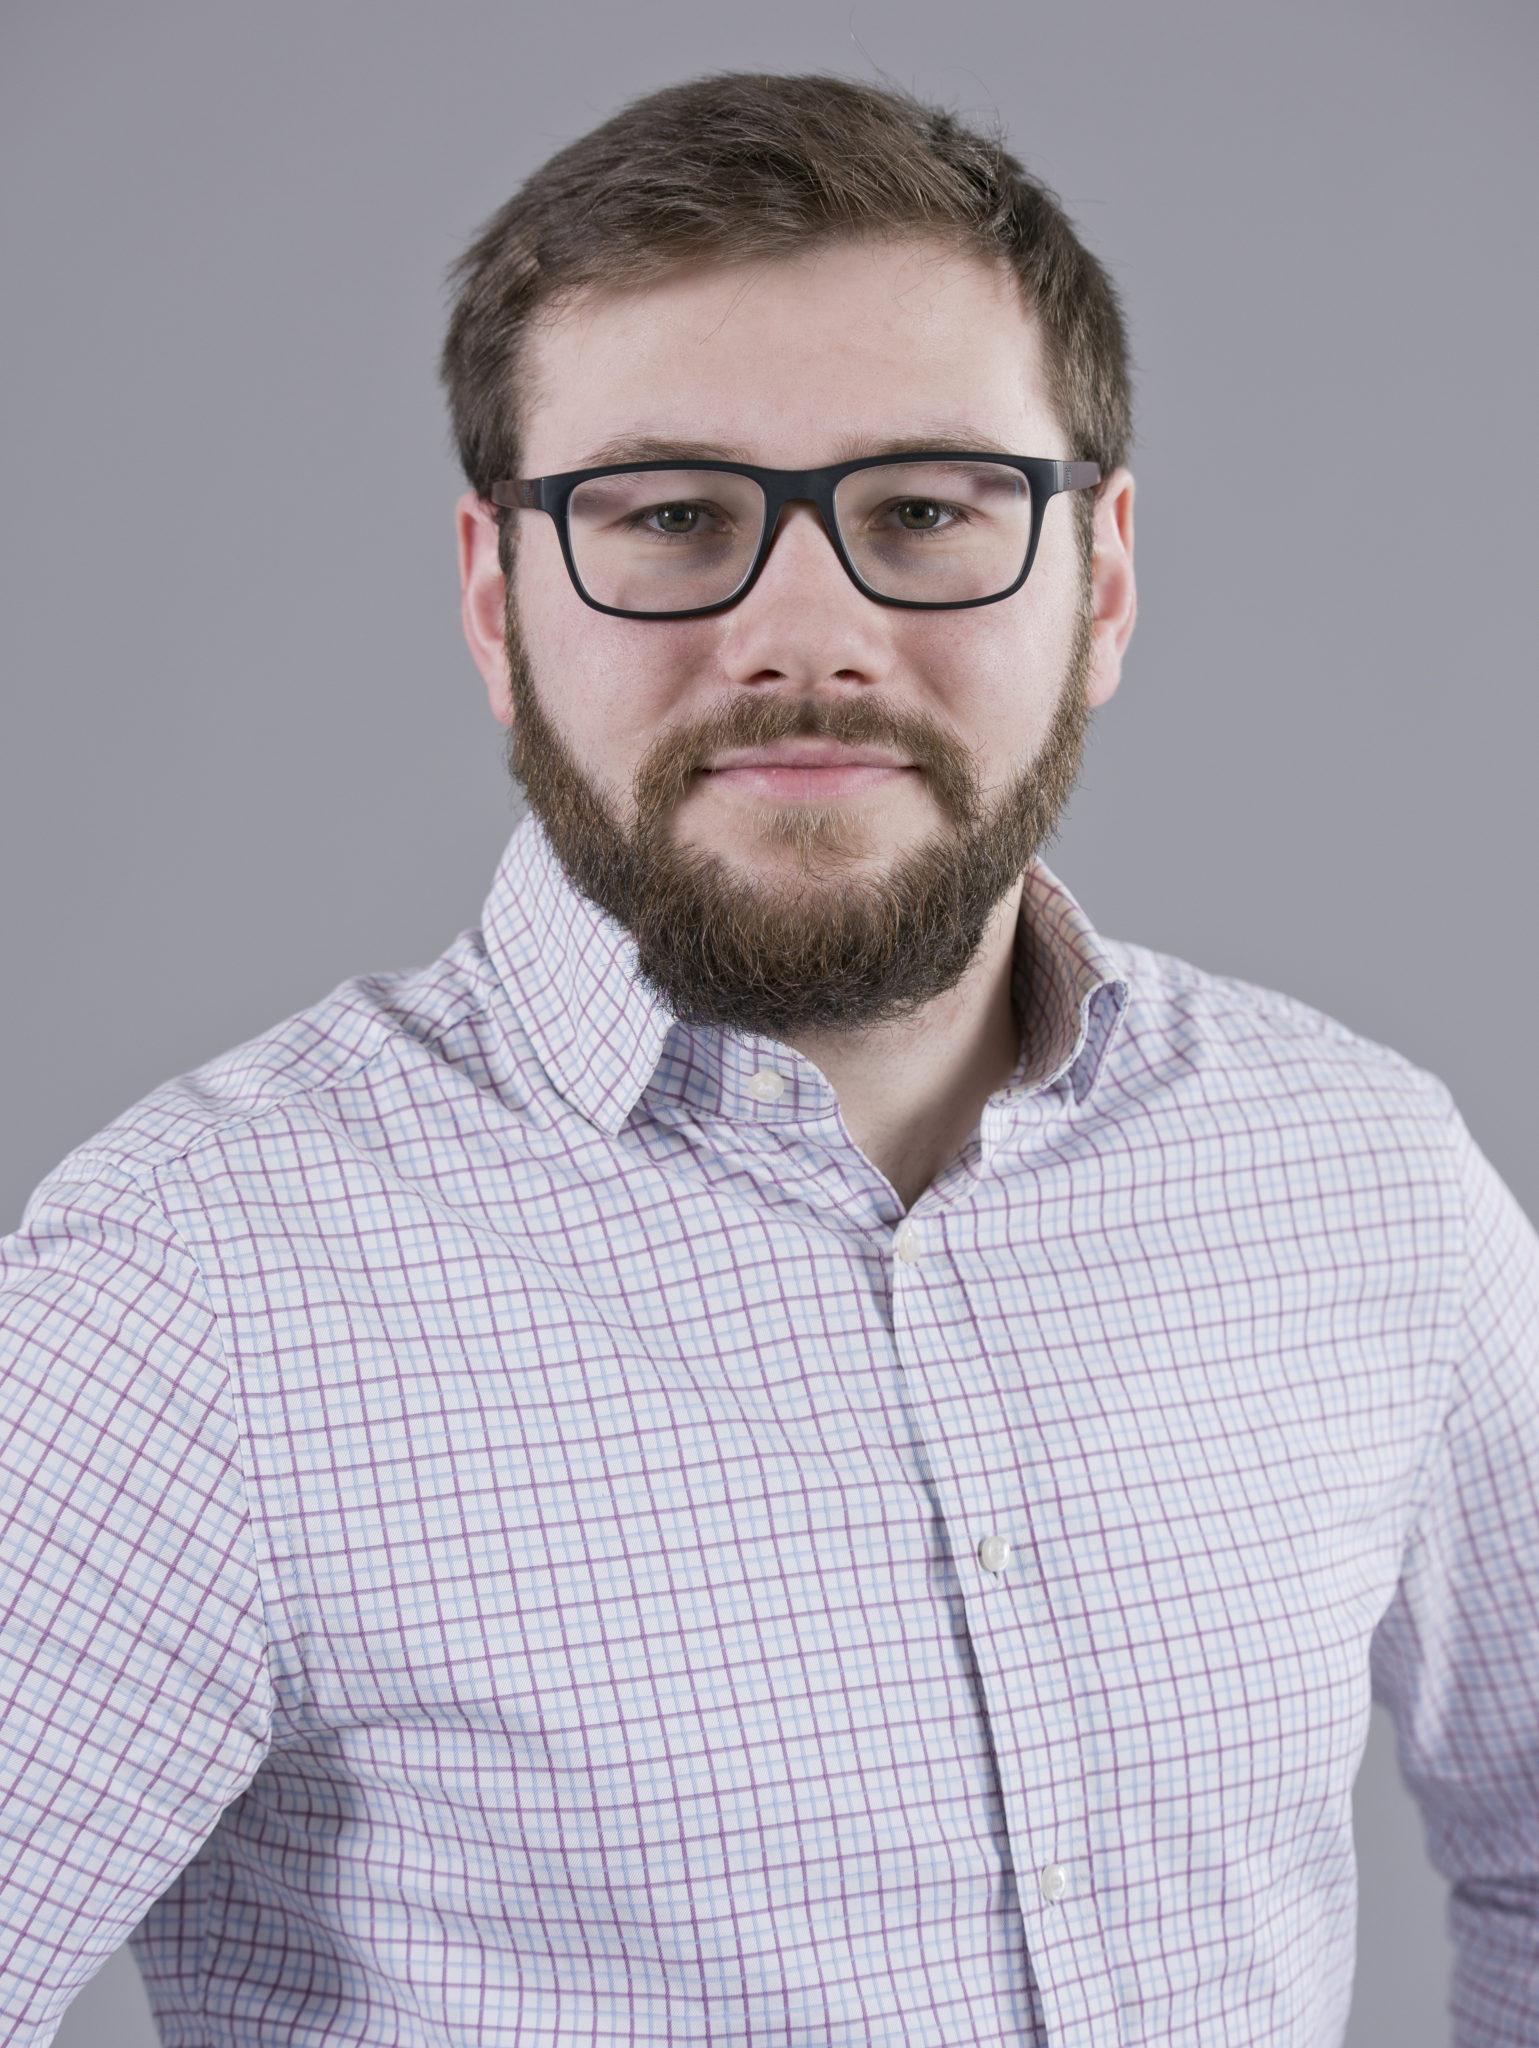 Moritz Hillenbrand